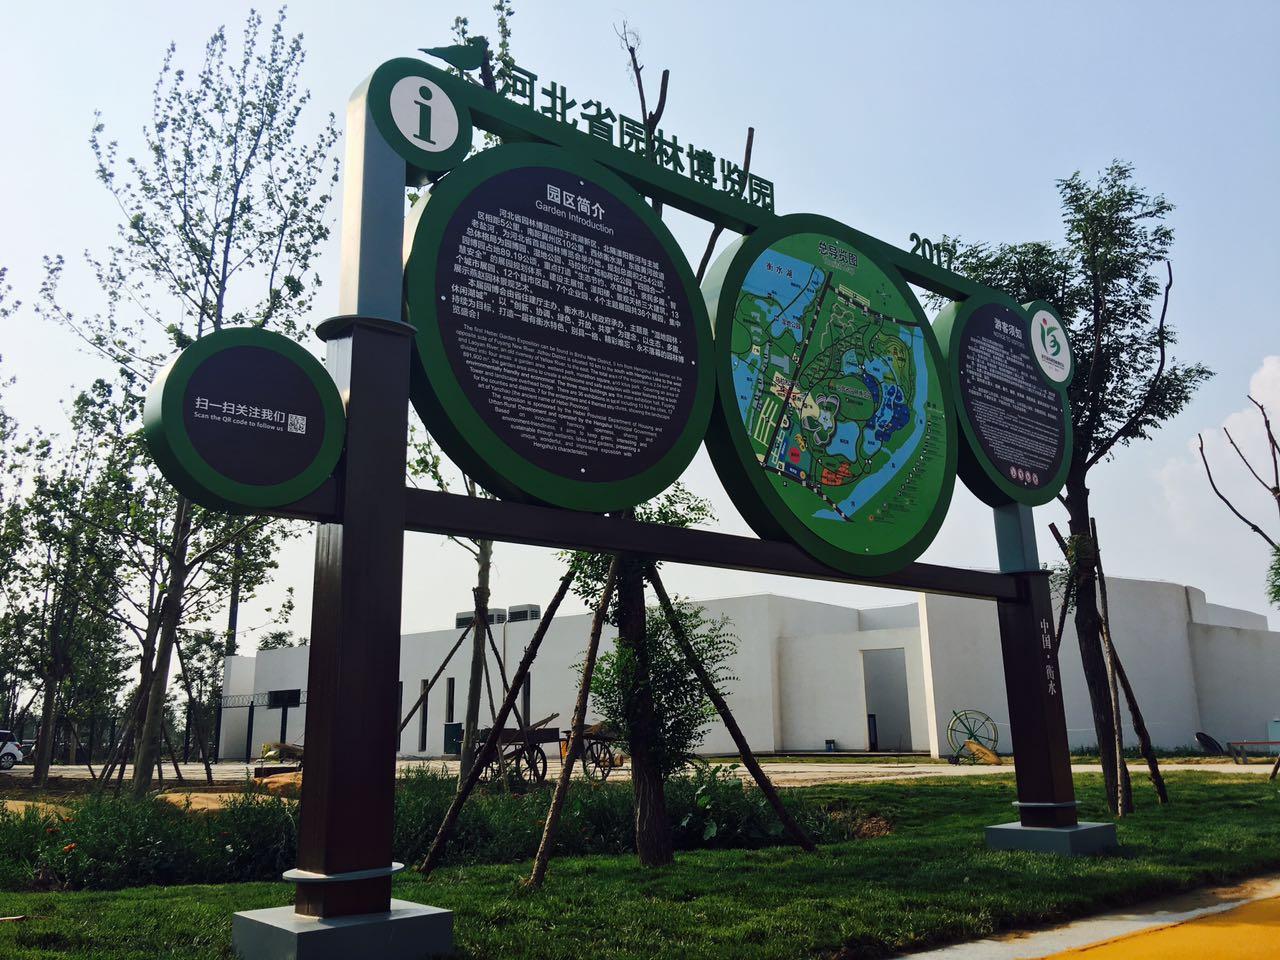 河北首届园林博览会标识系统设计案例